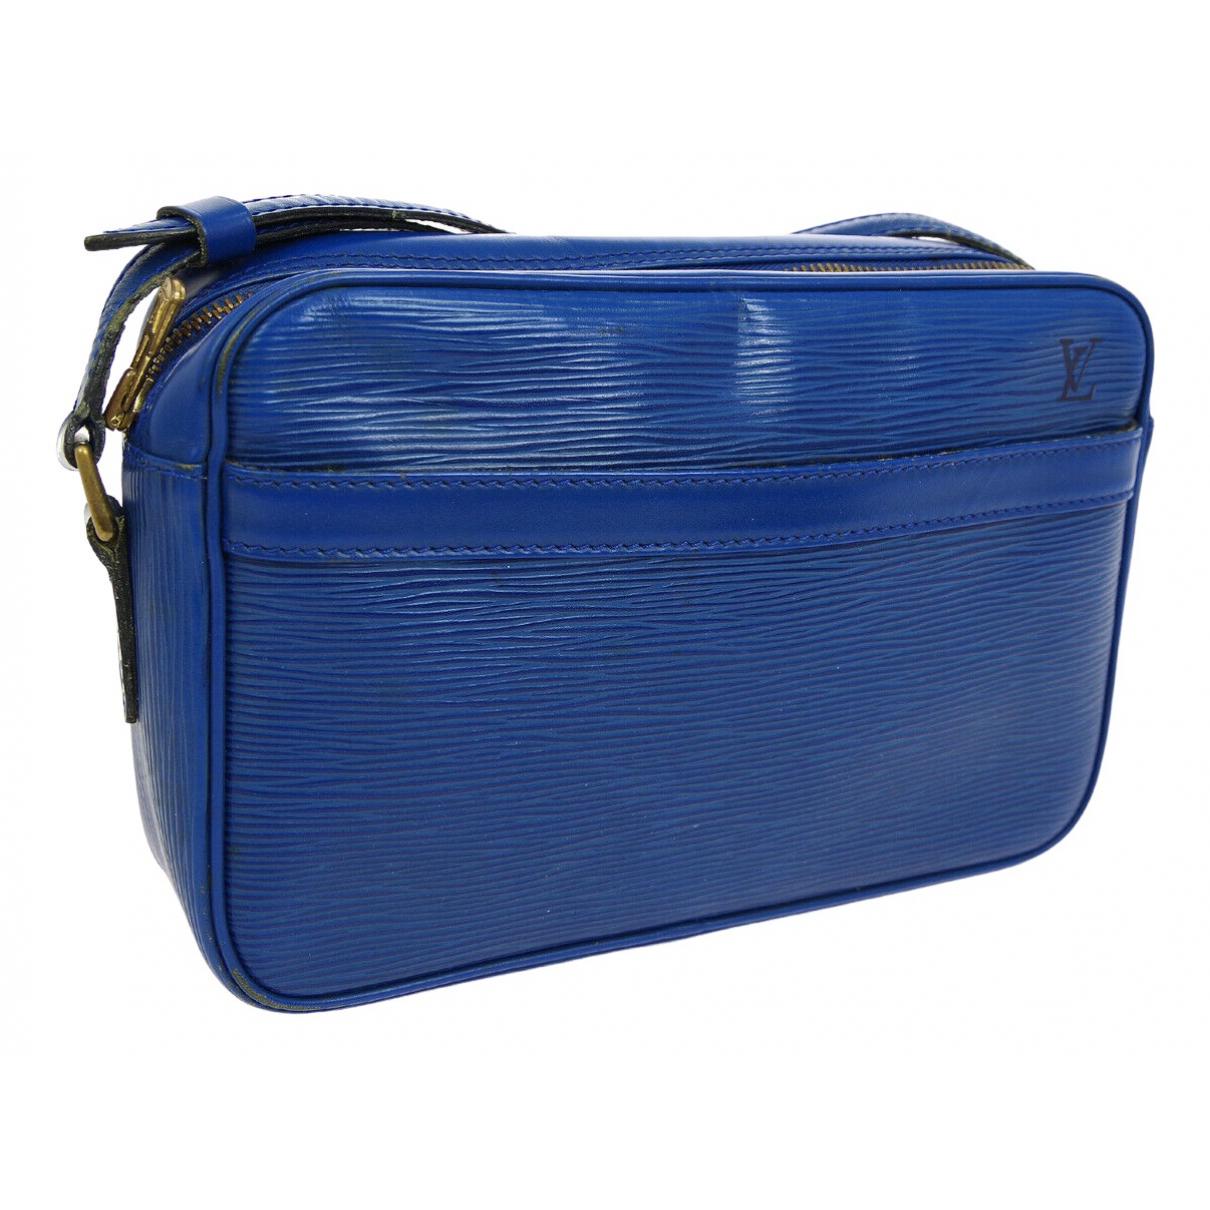 Louis Vuitton - Sac a main Trocadero pour femme en cuir - bleu